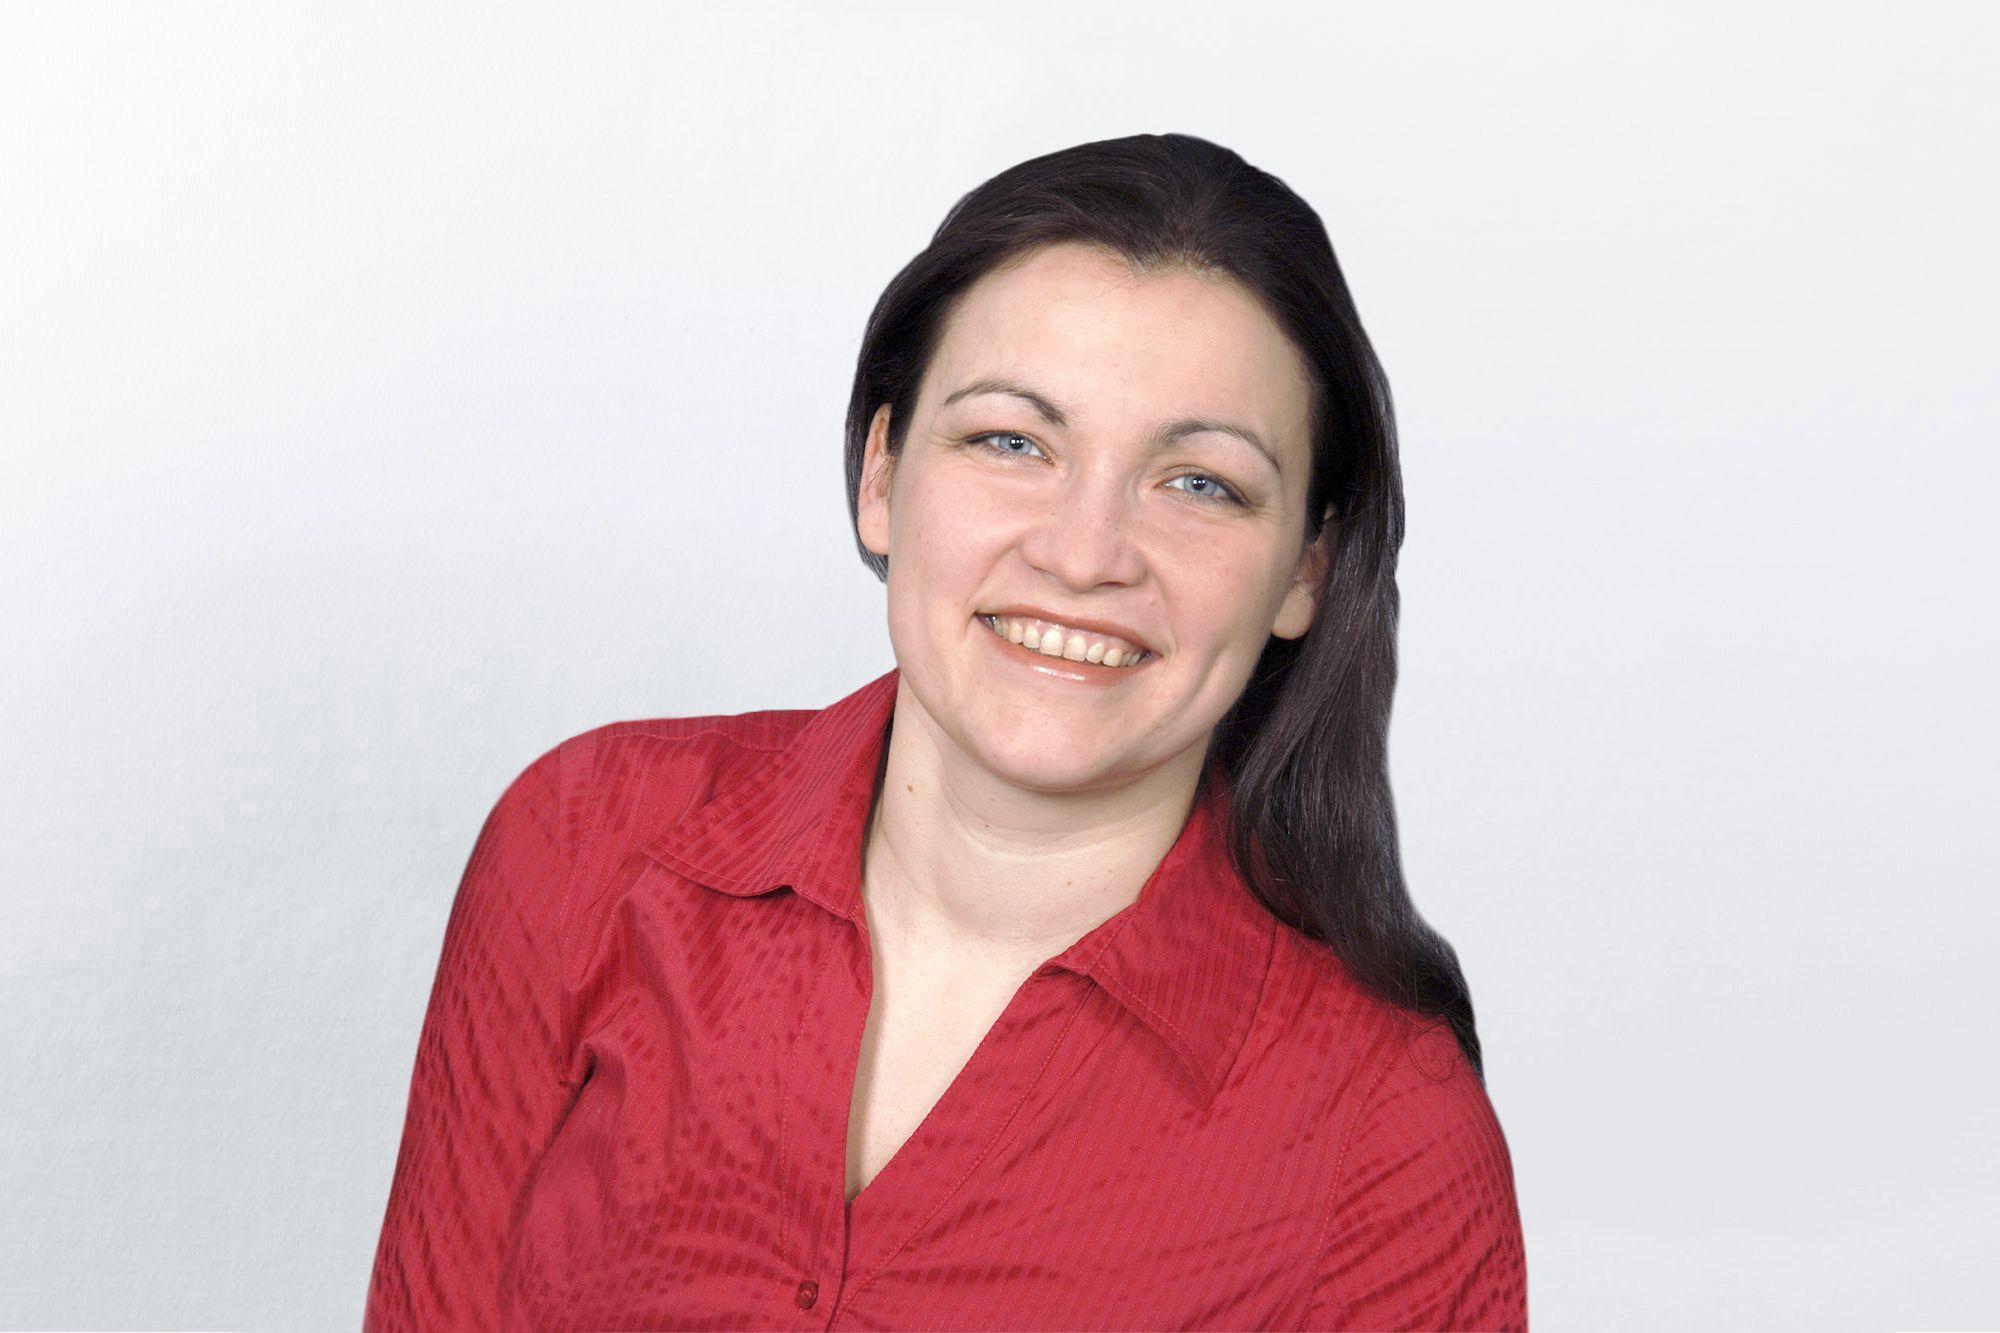 Niina Salokorpi